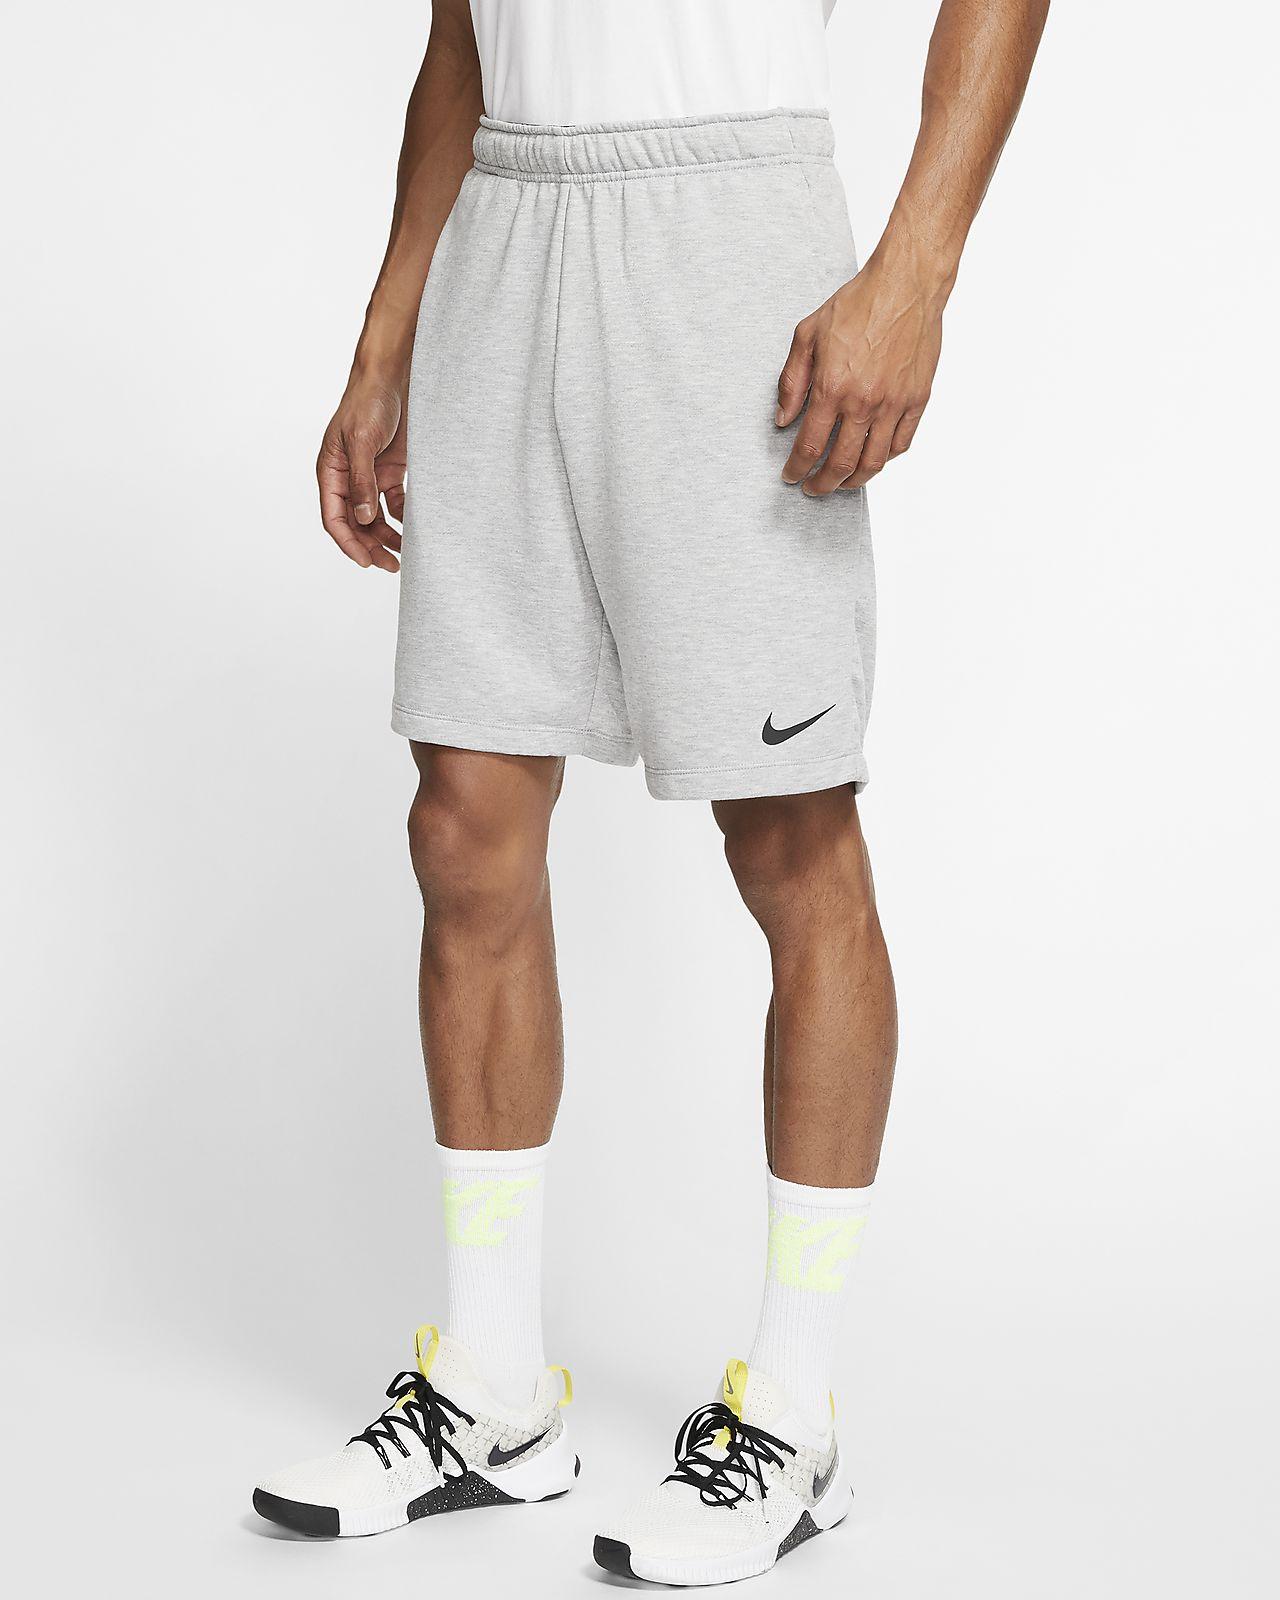 Nike Dri-FIT Pantalons curts d'entrenament de teixit Fleece - Home